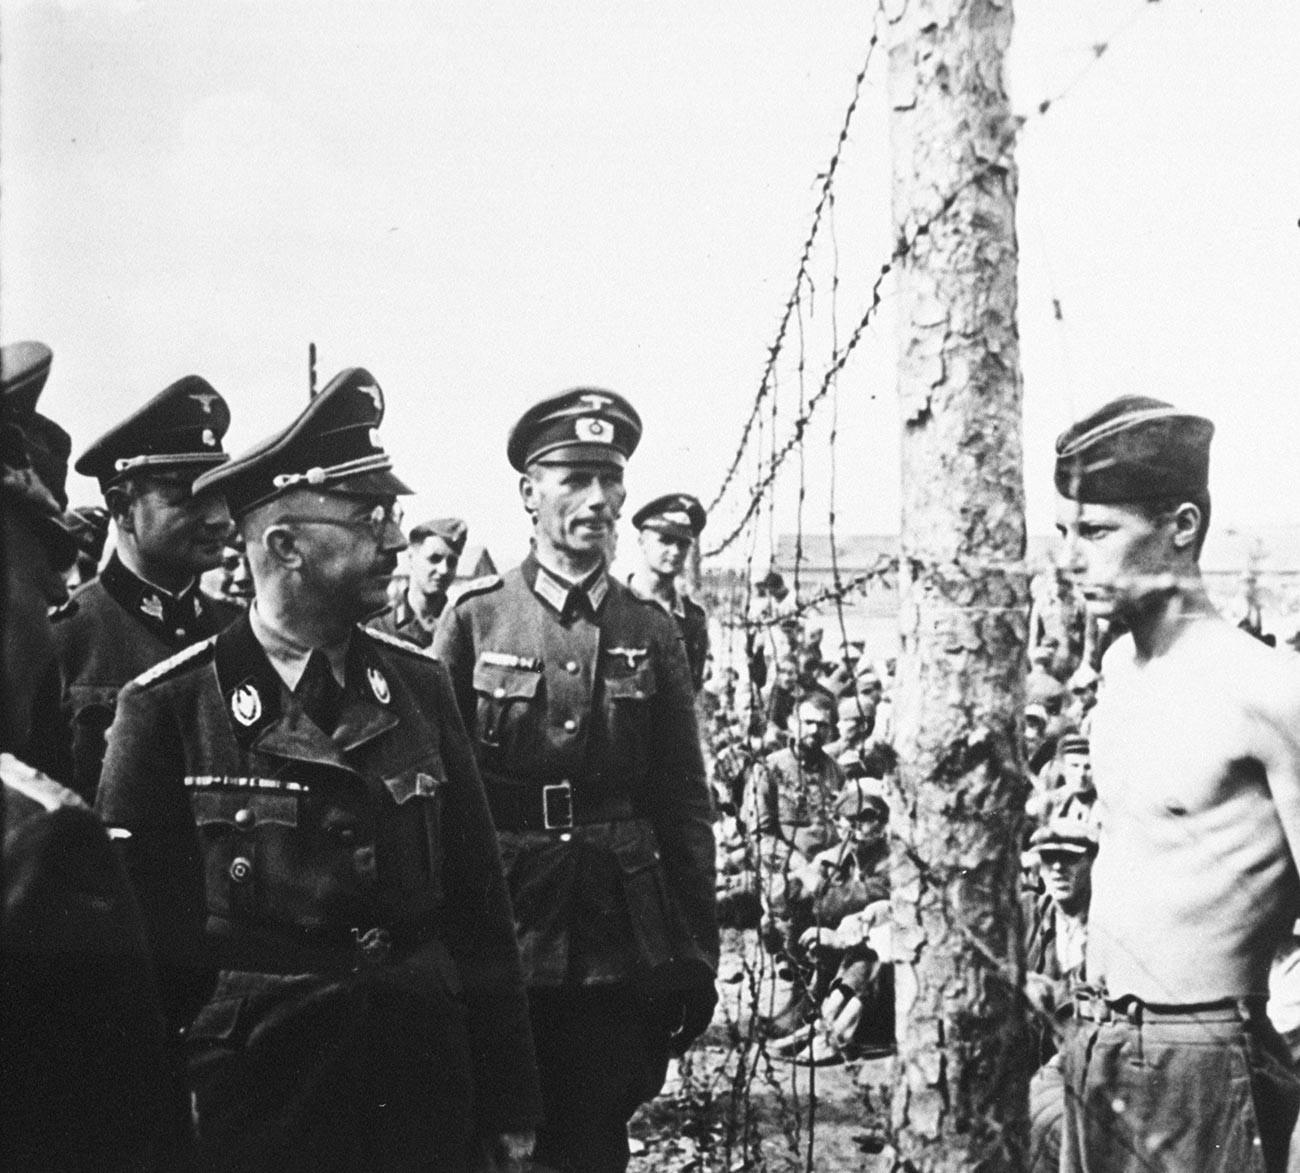 Reichsführer-SS Heinrich Himmler, Chef der Gestapo und der Waffen-SS, inspiziert ein Gefangenenlager in der Sowjetunion im August 1941.